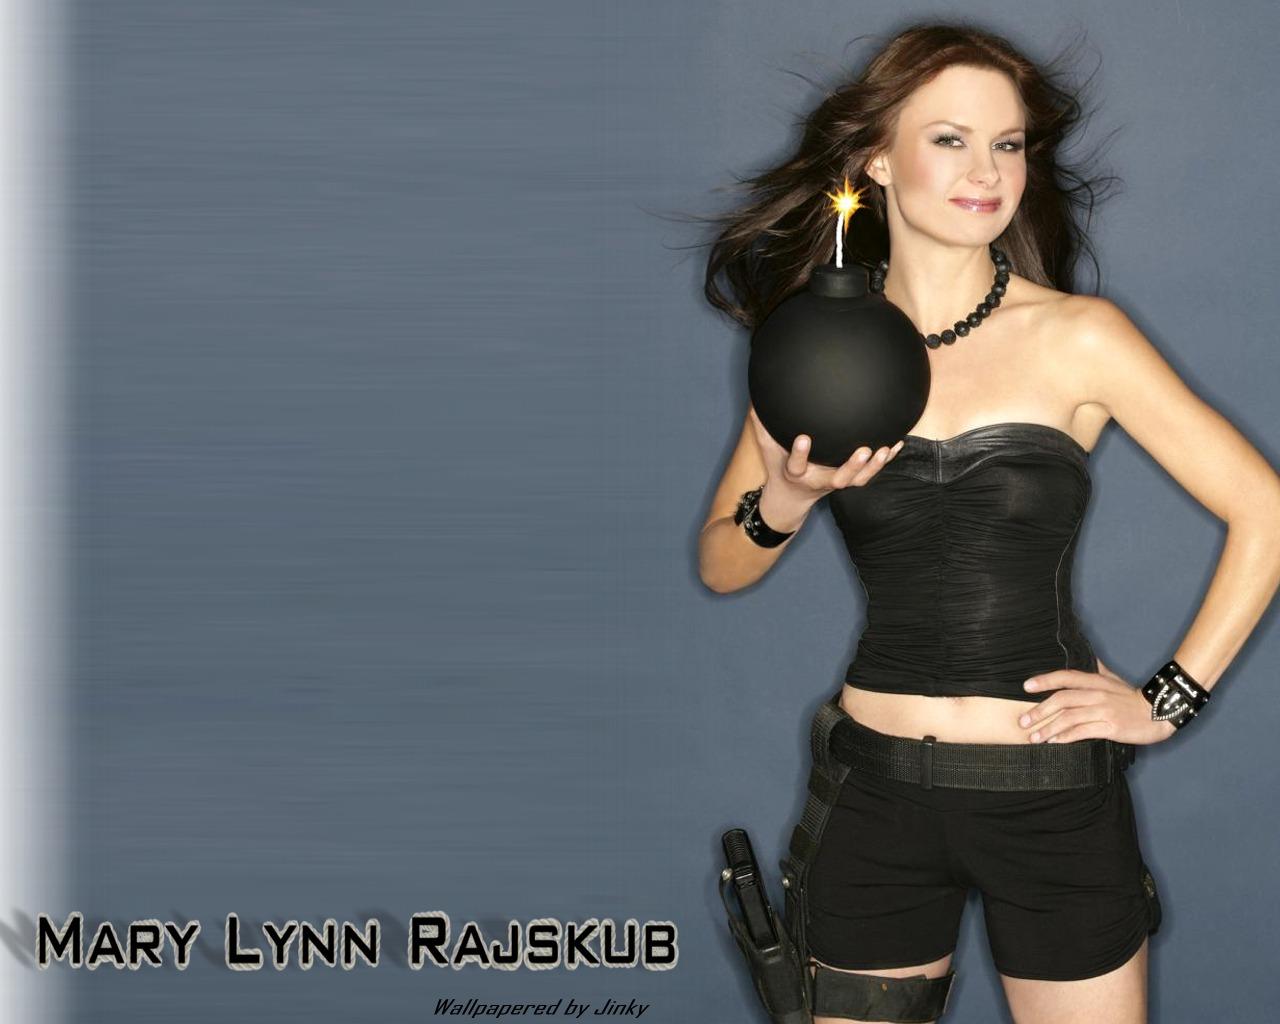 Mary Lynn Rajskub's quote #7